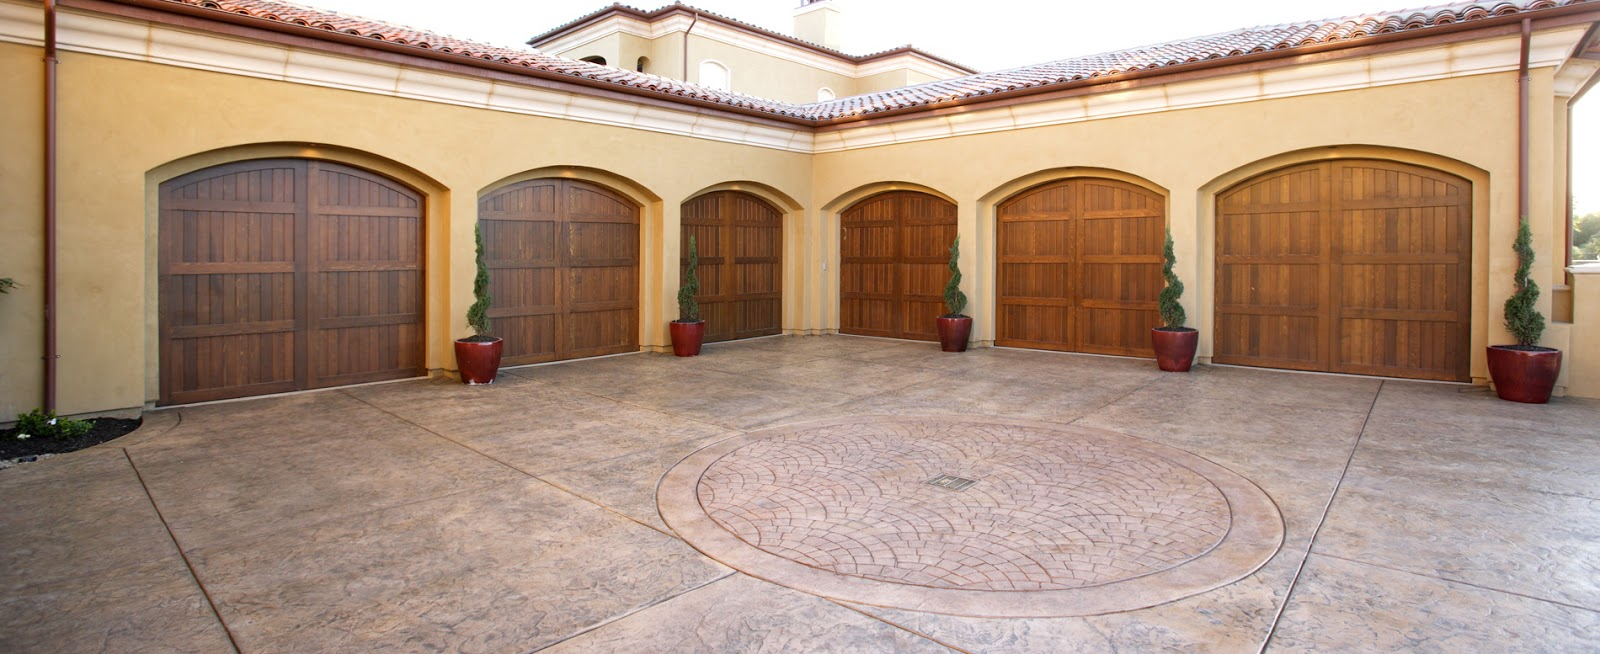 Iron Gate Repair Valley Glen. Garage Door Installation Atwater Village,  California, Gate Installers Edendale, California, Garage Door Spring Repair  Valley ...